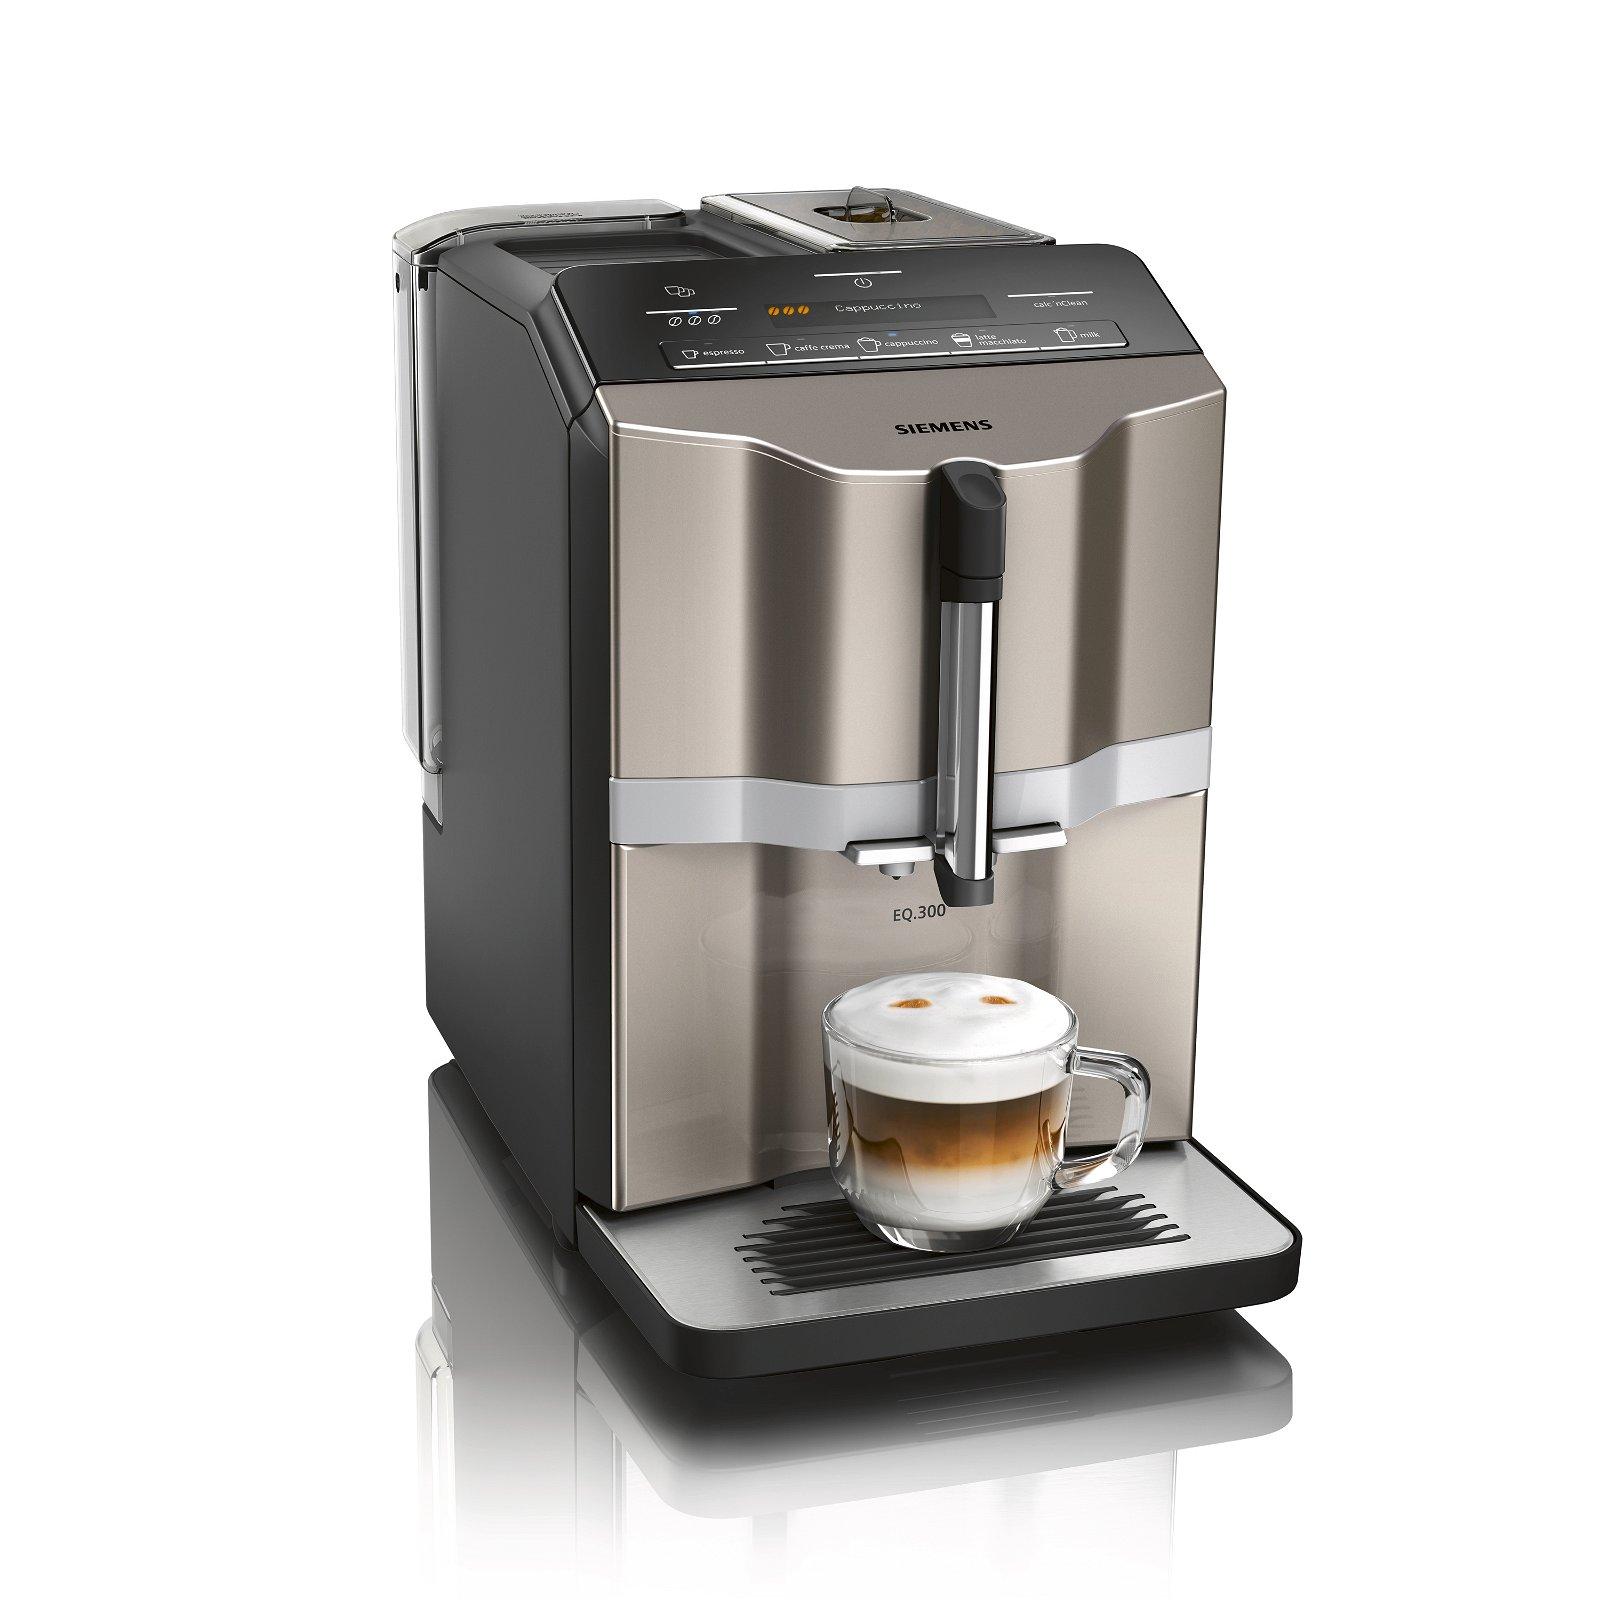 Siemens fuldautomatisk kaffemaskine